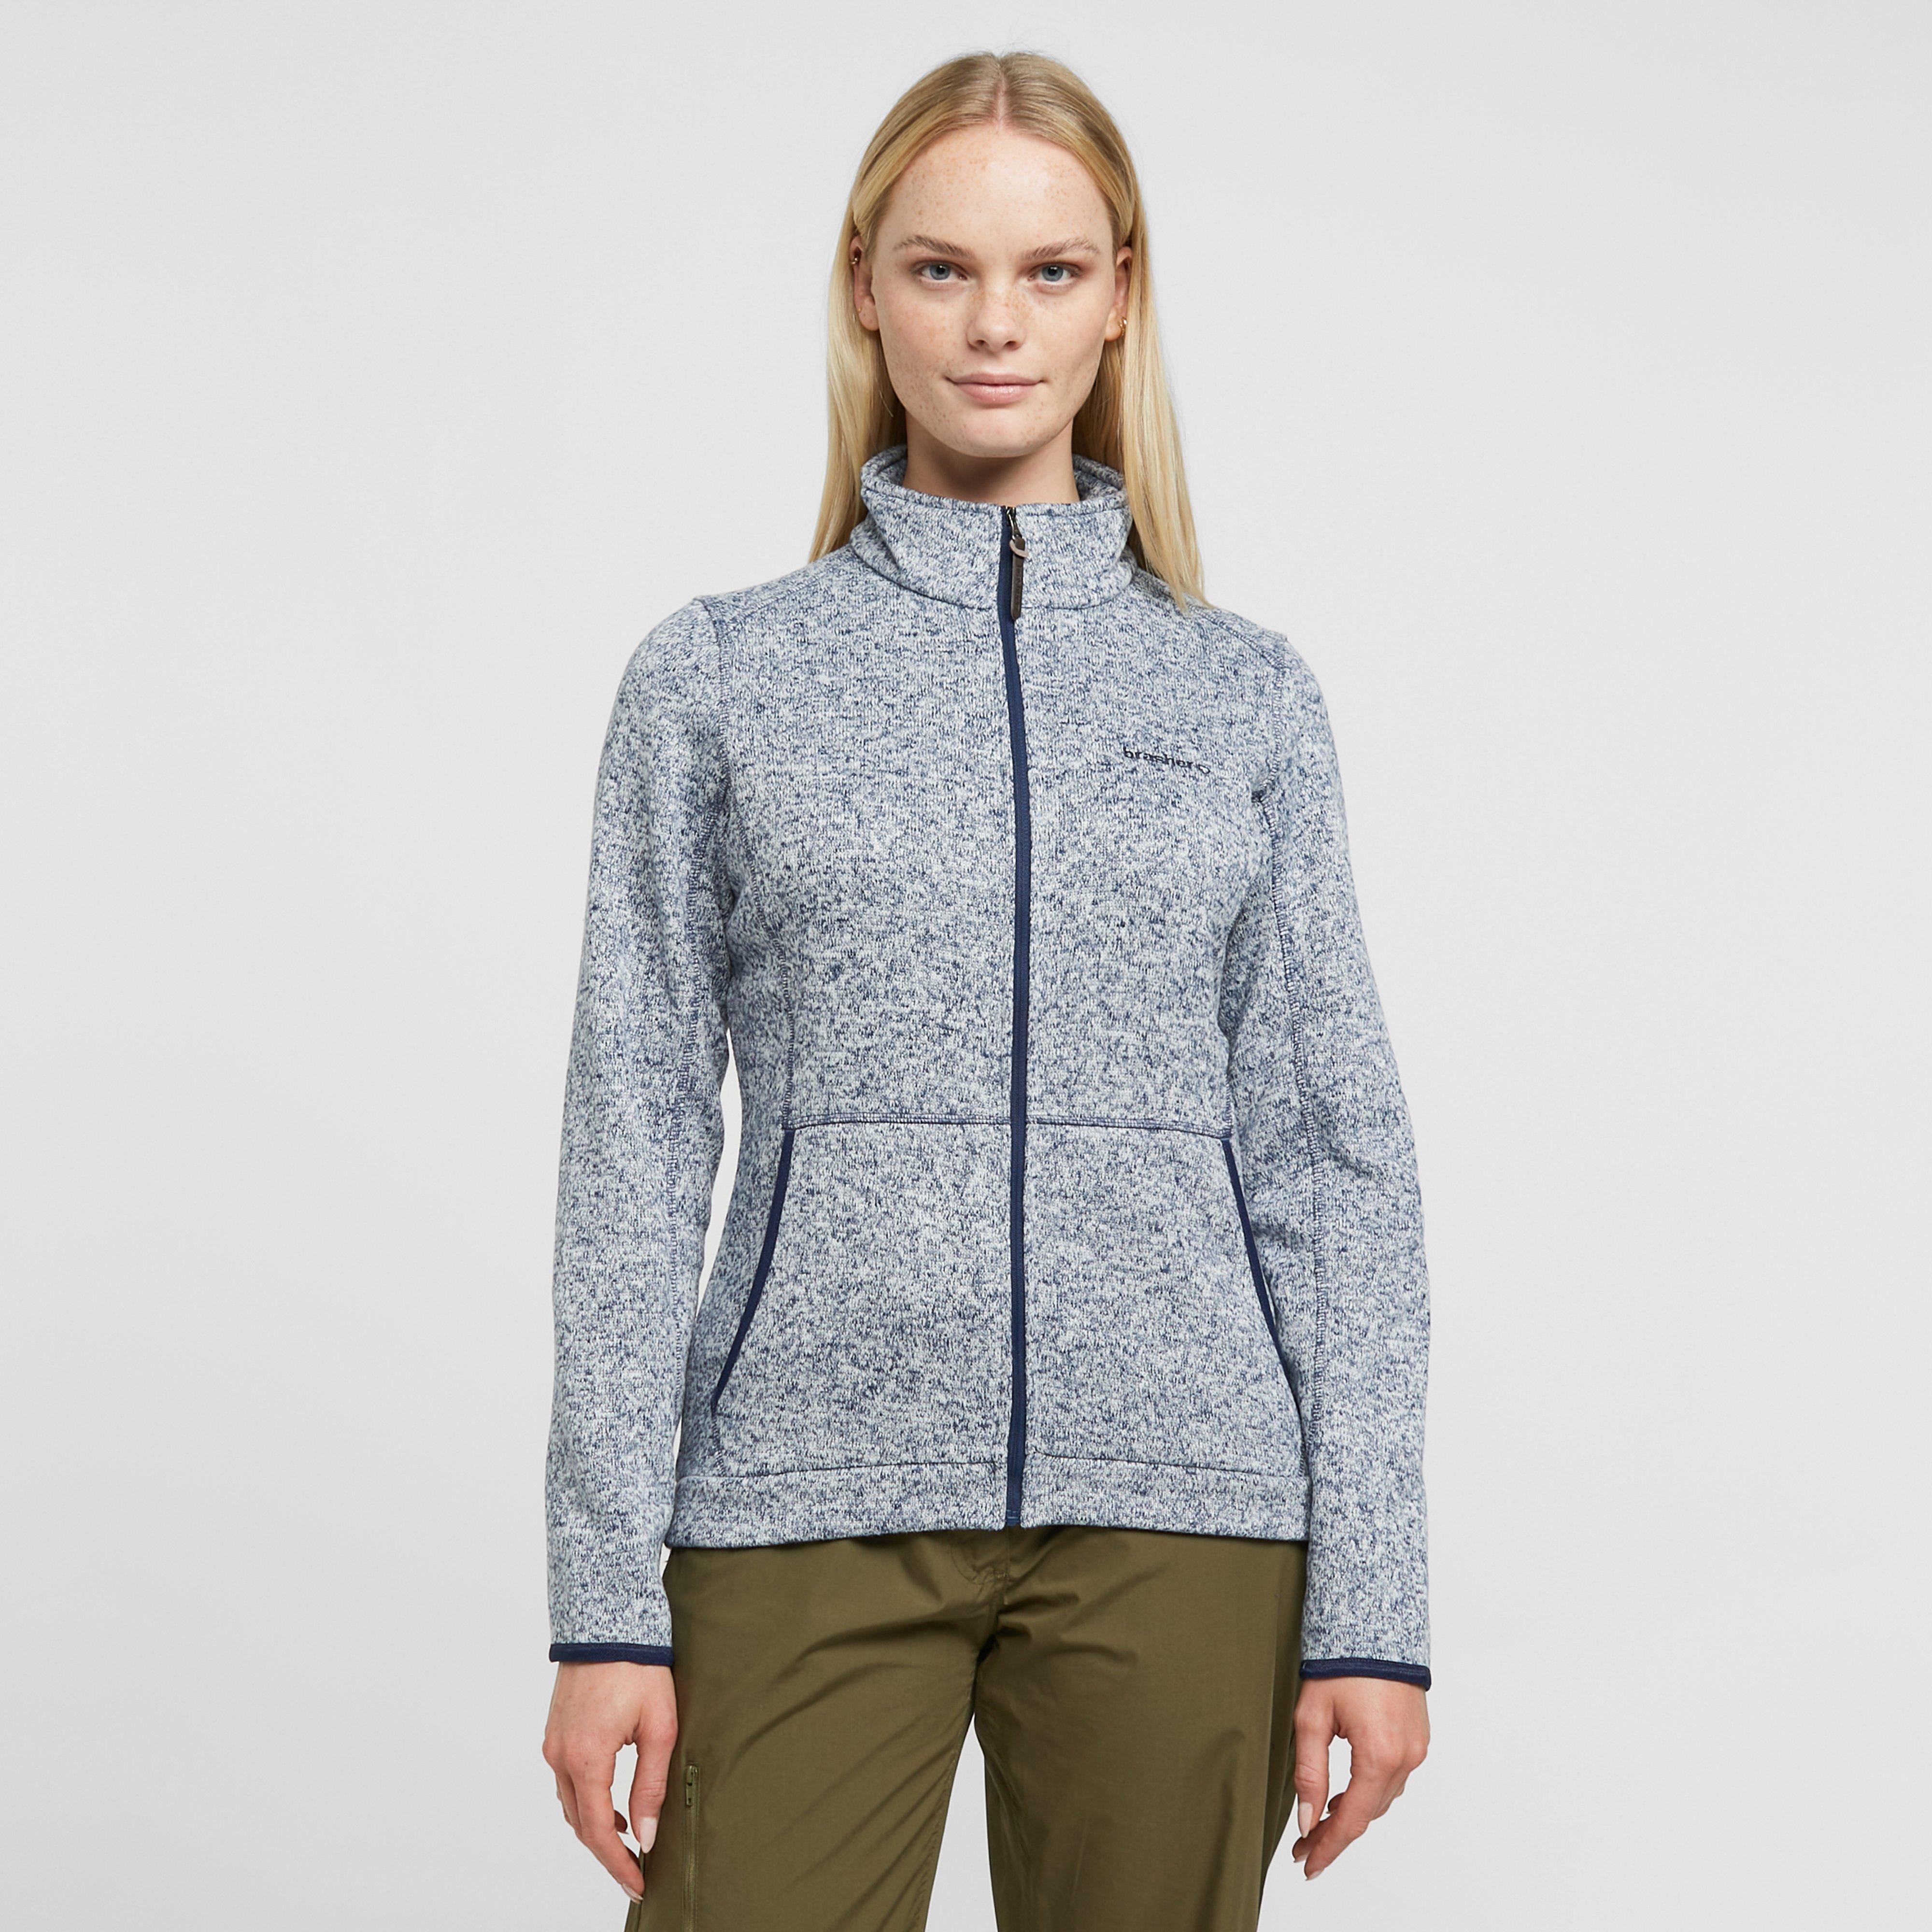 Brasher Women's Rydal Full-Zip Fleece - Navy/Nvy, Navy